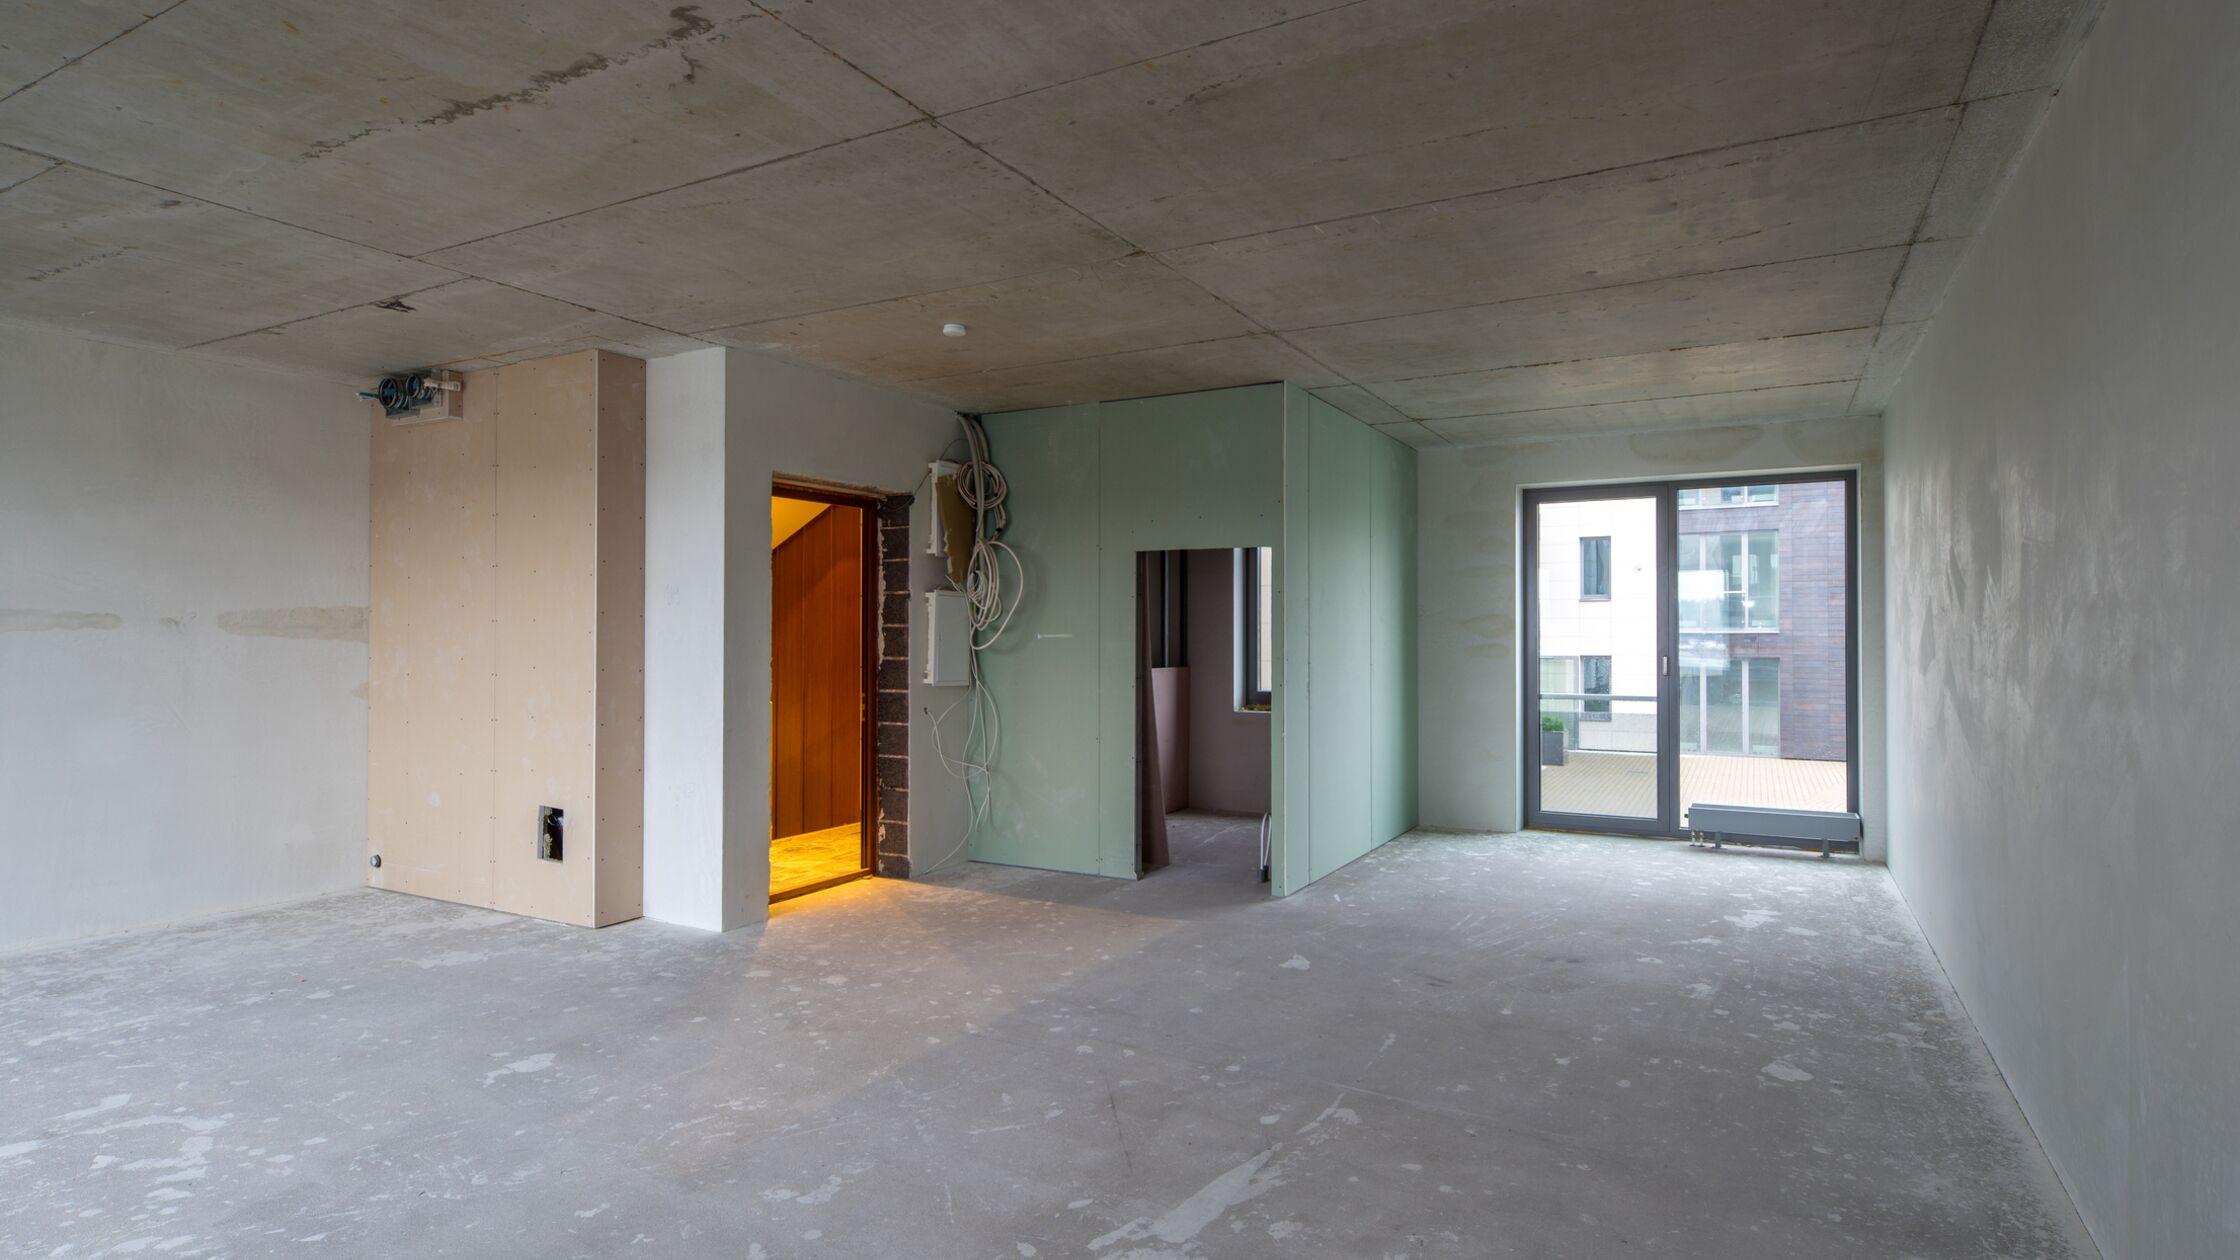 Sanierte Wohnung ohne Fußboden oder Wände